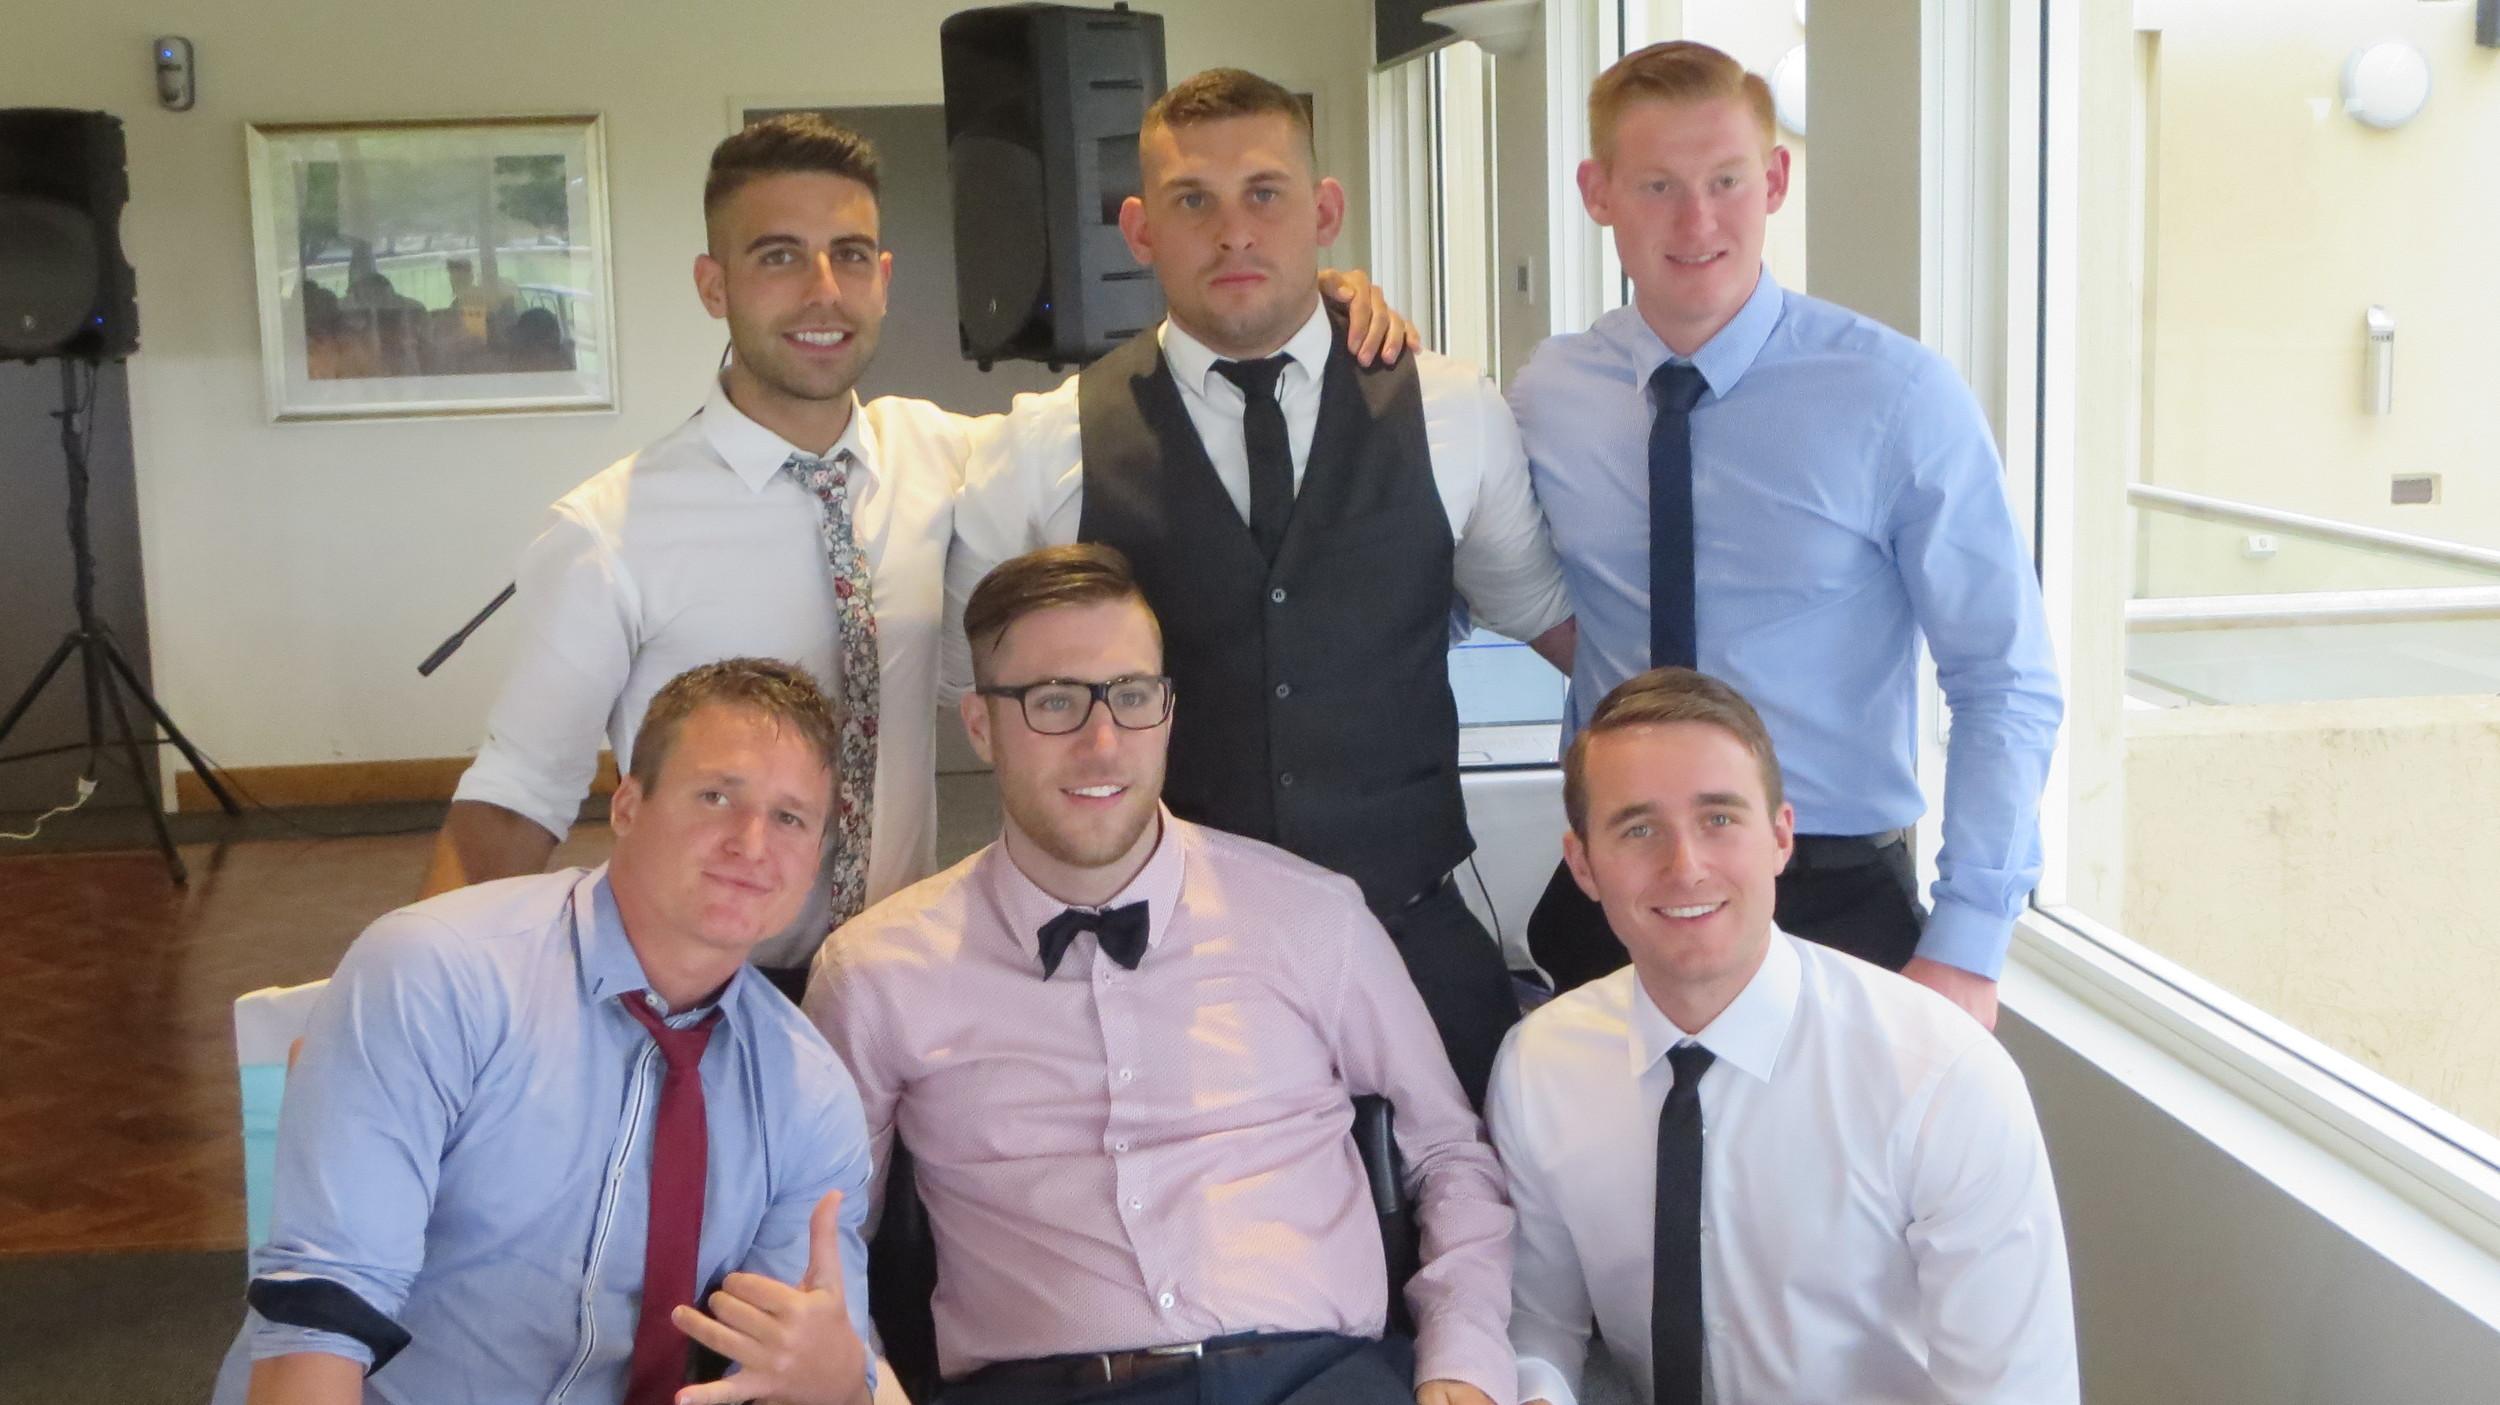 Mates at the wedding